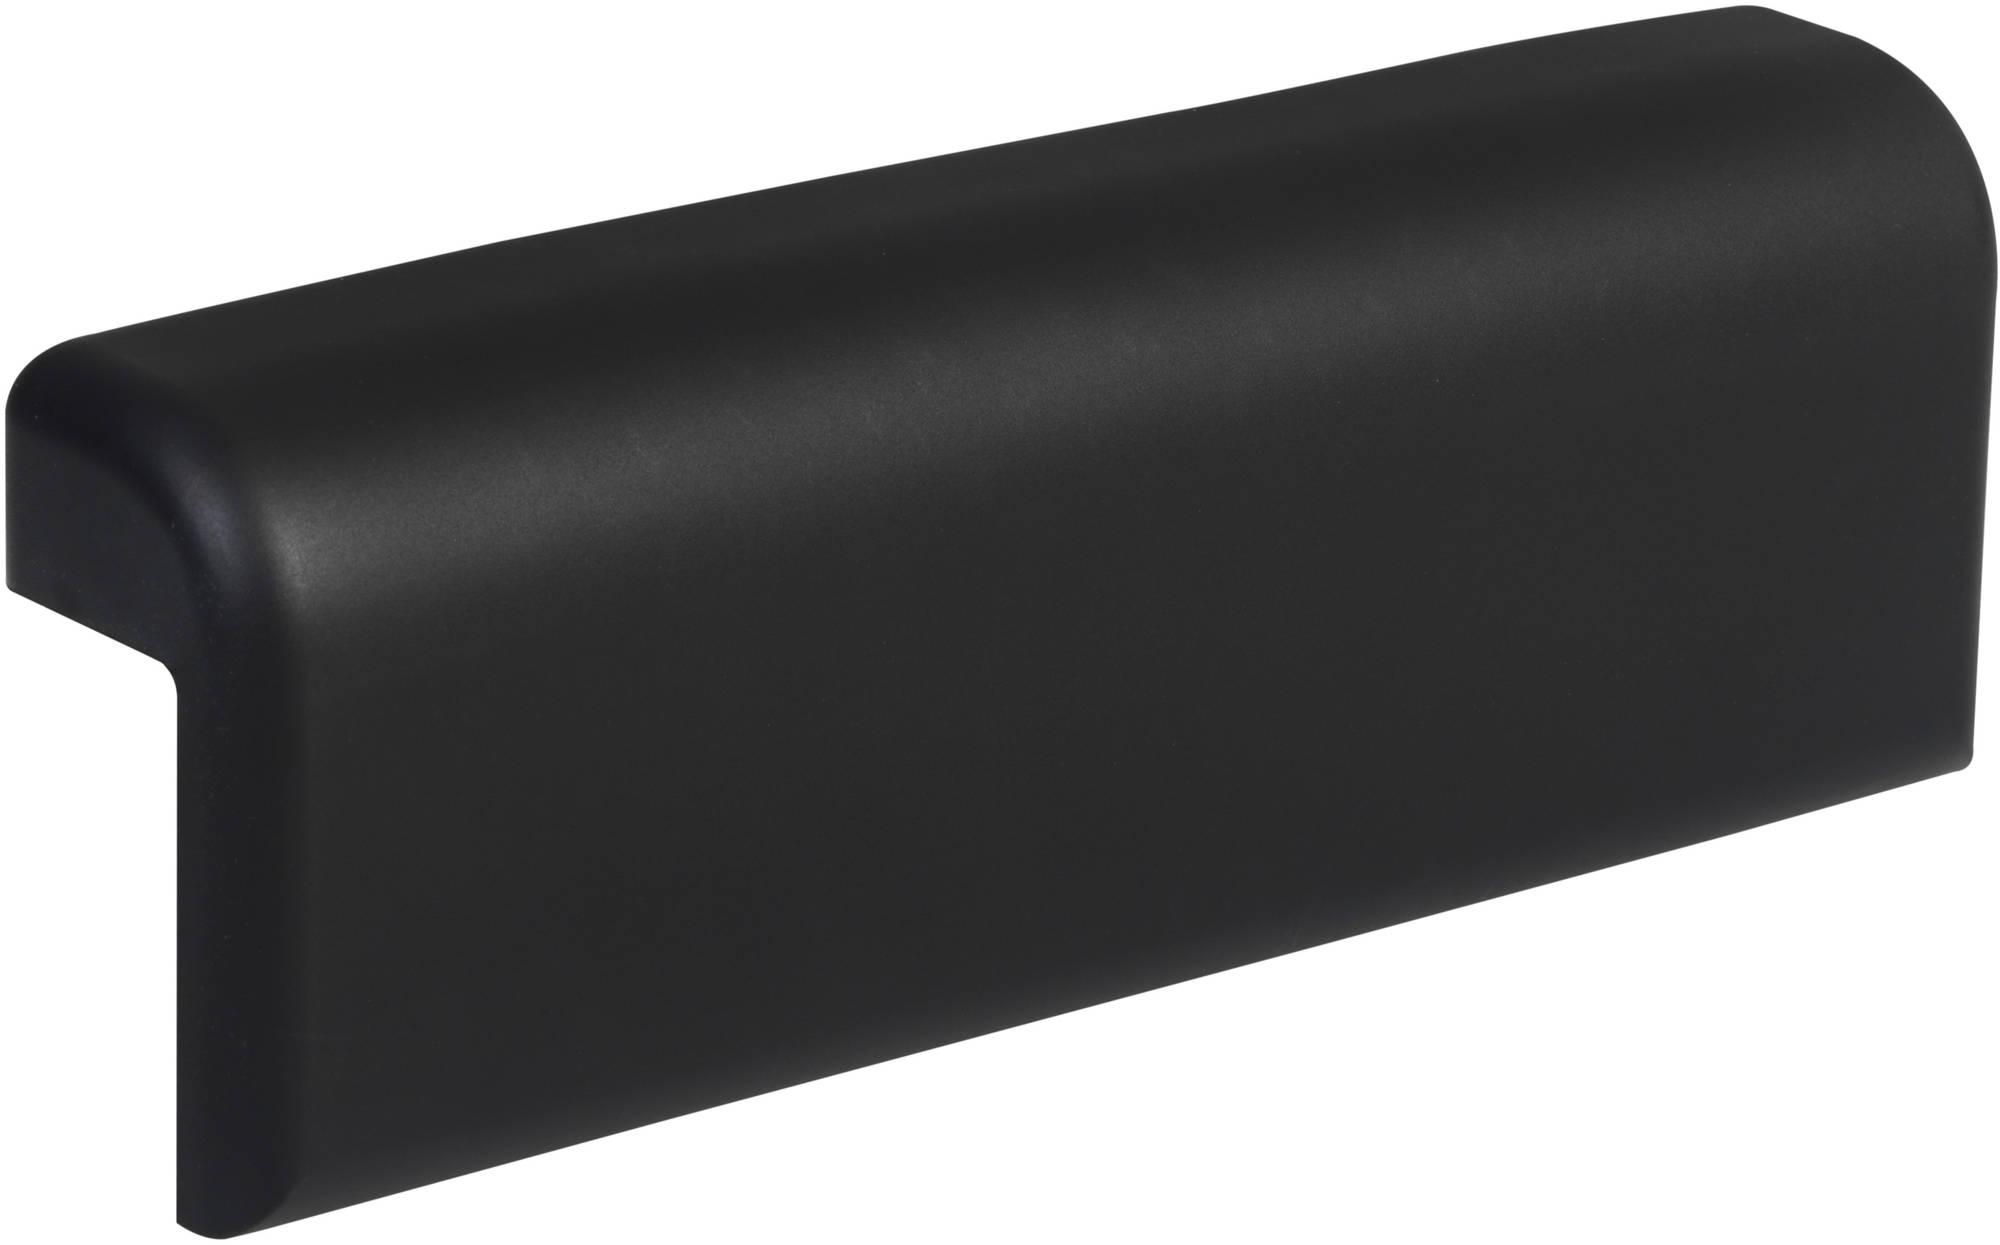 WISA nekkussen Dolce, zw, Dolce2 360x140mm